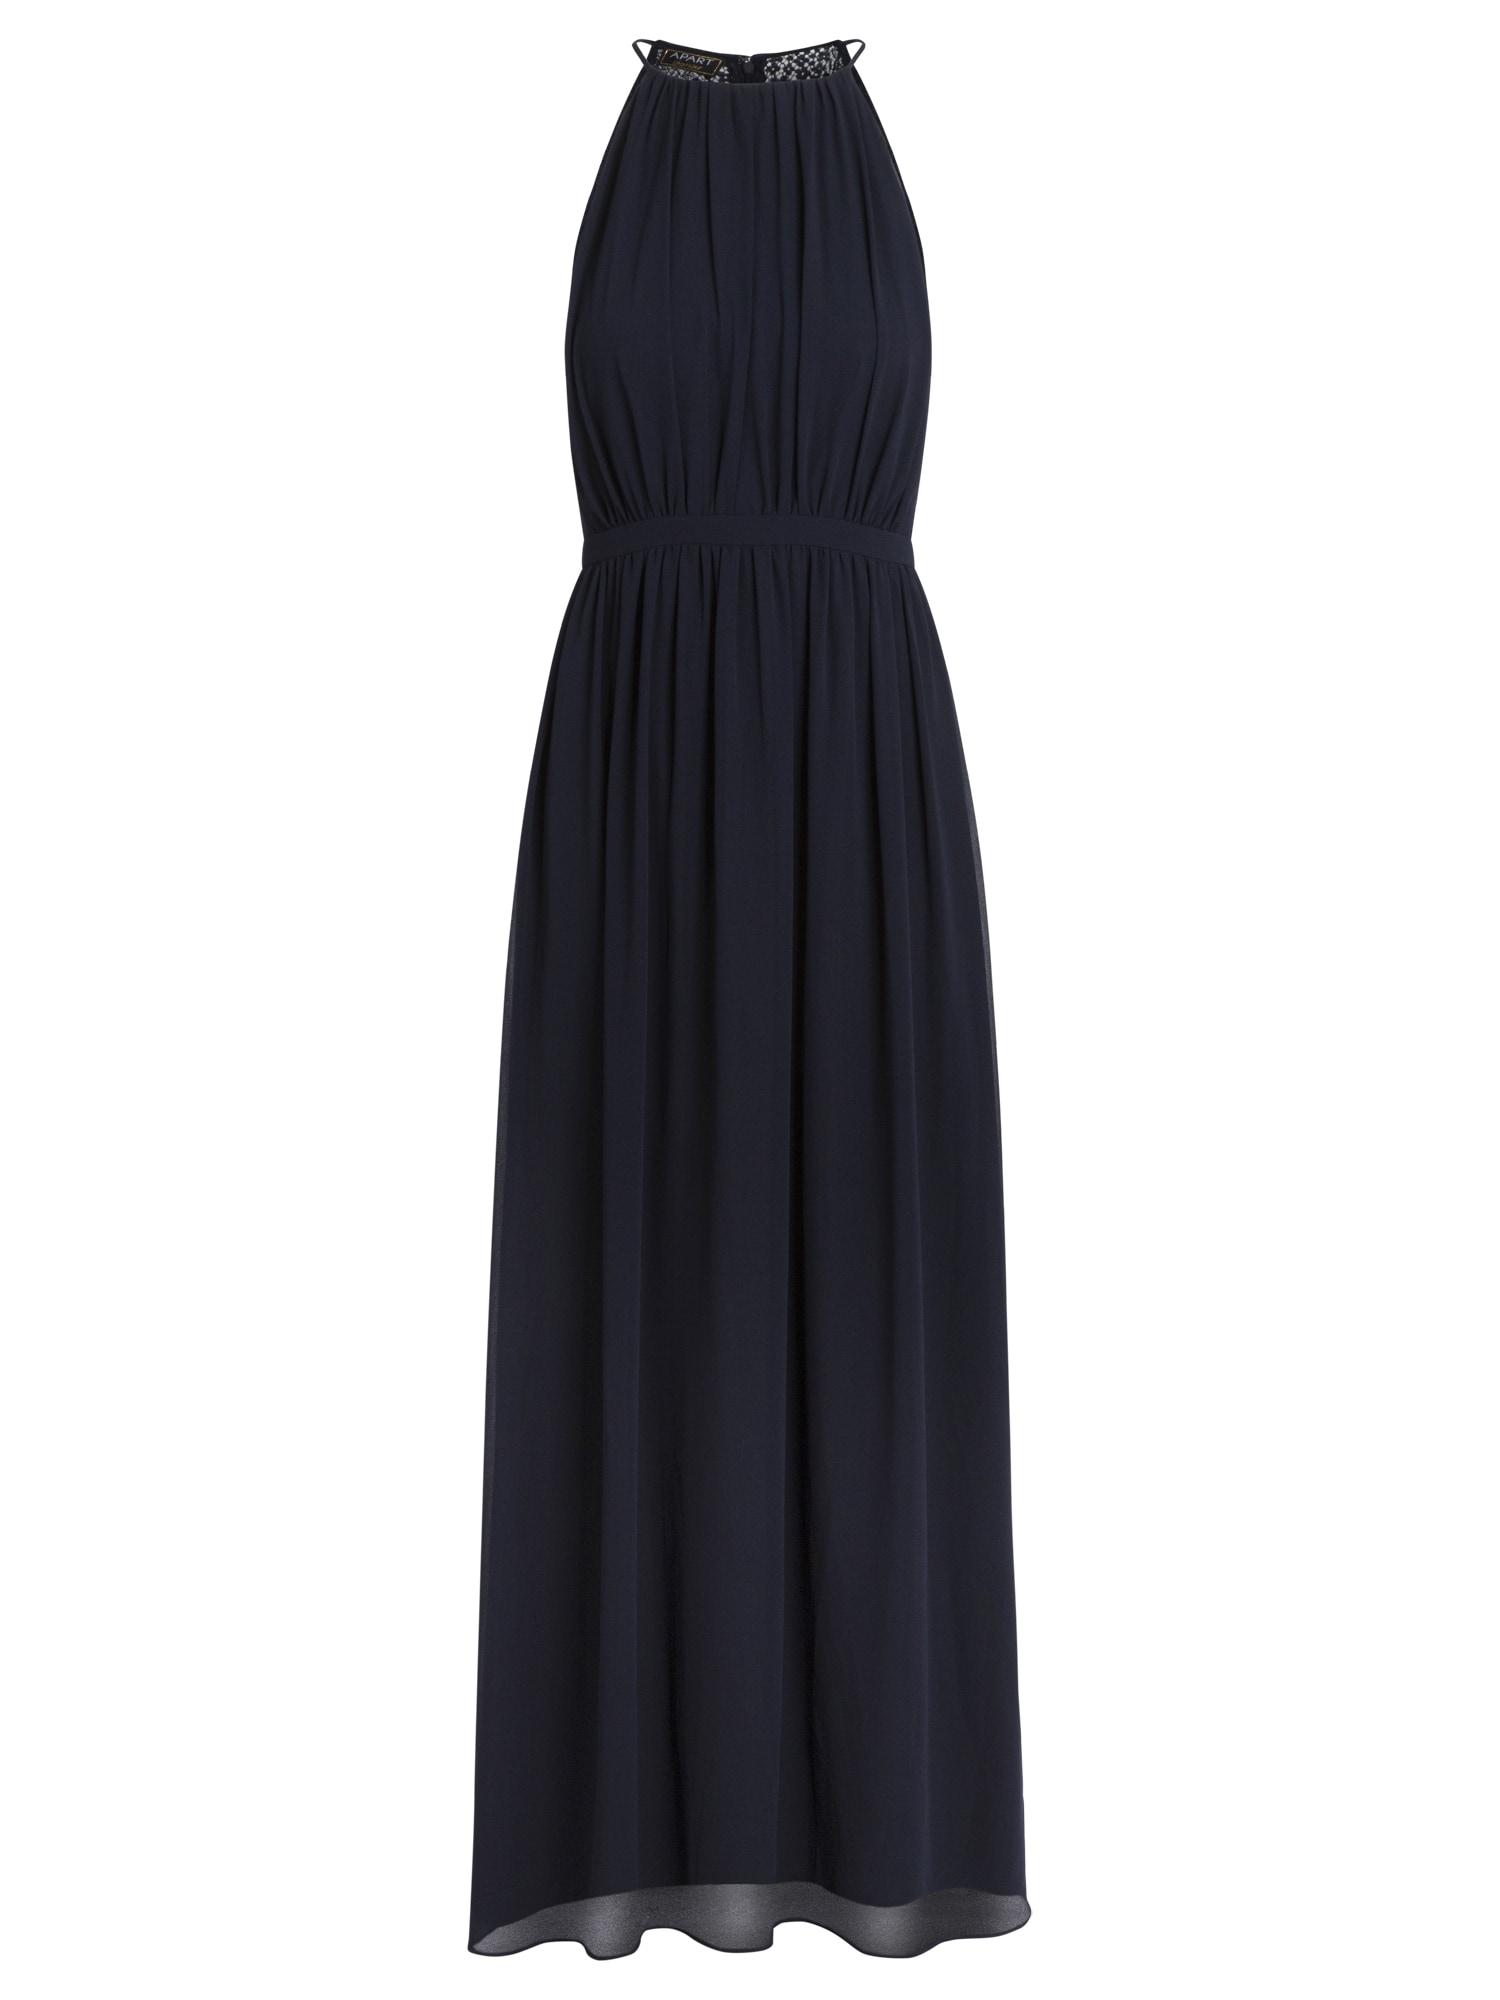 APART Vakarinė suknelė nakties mėlyna